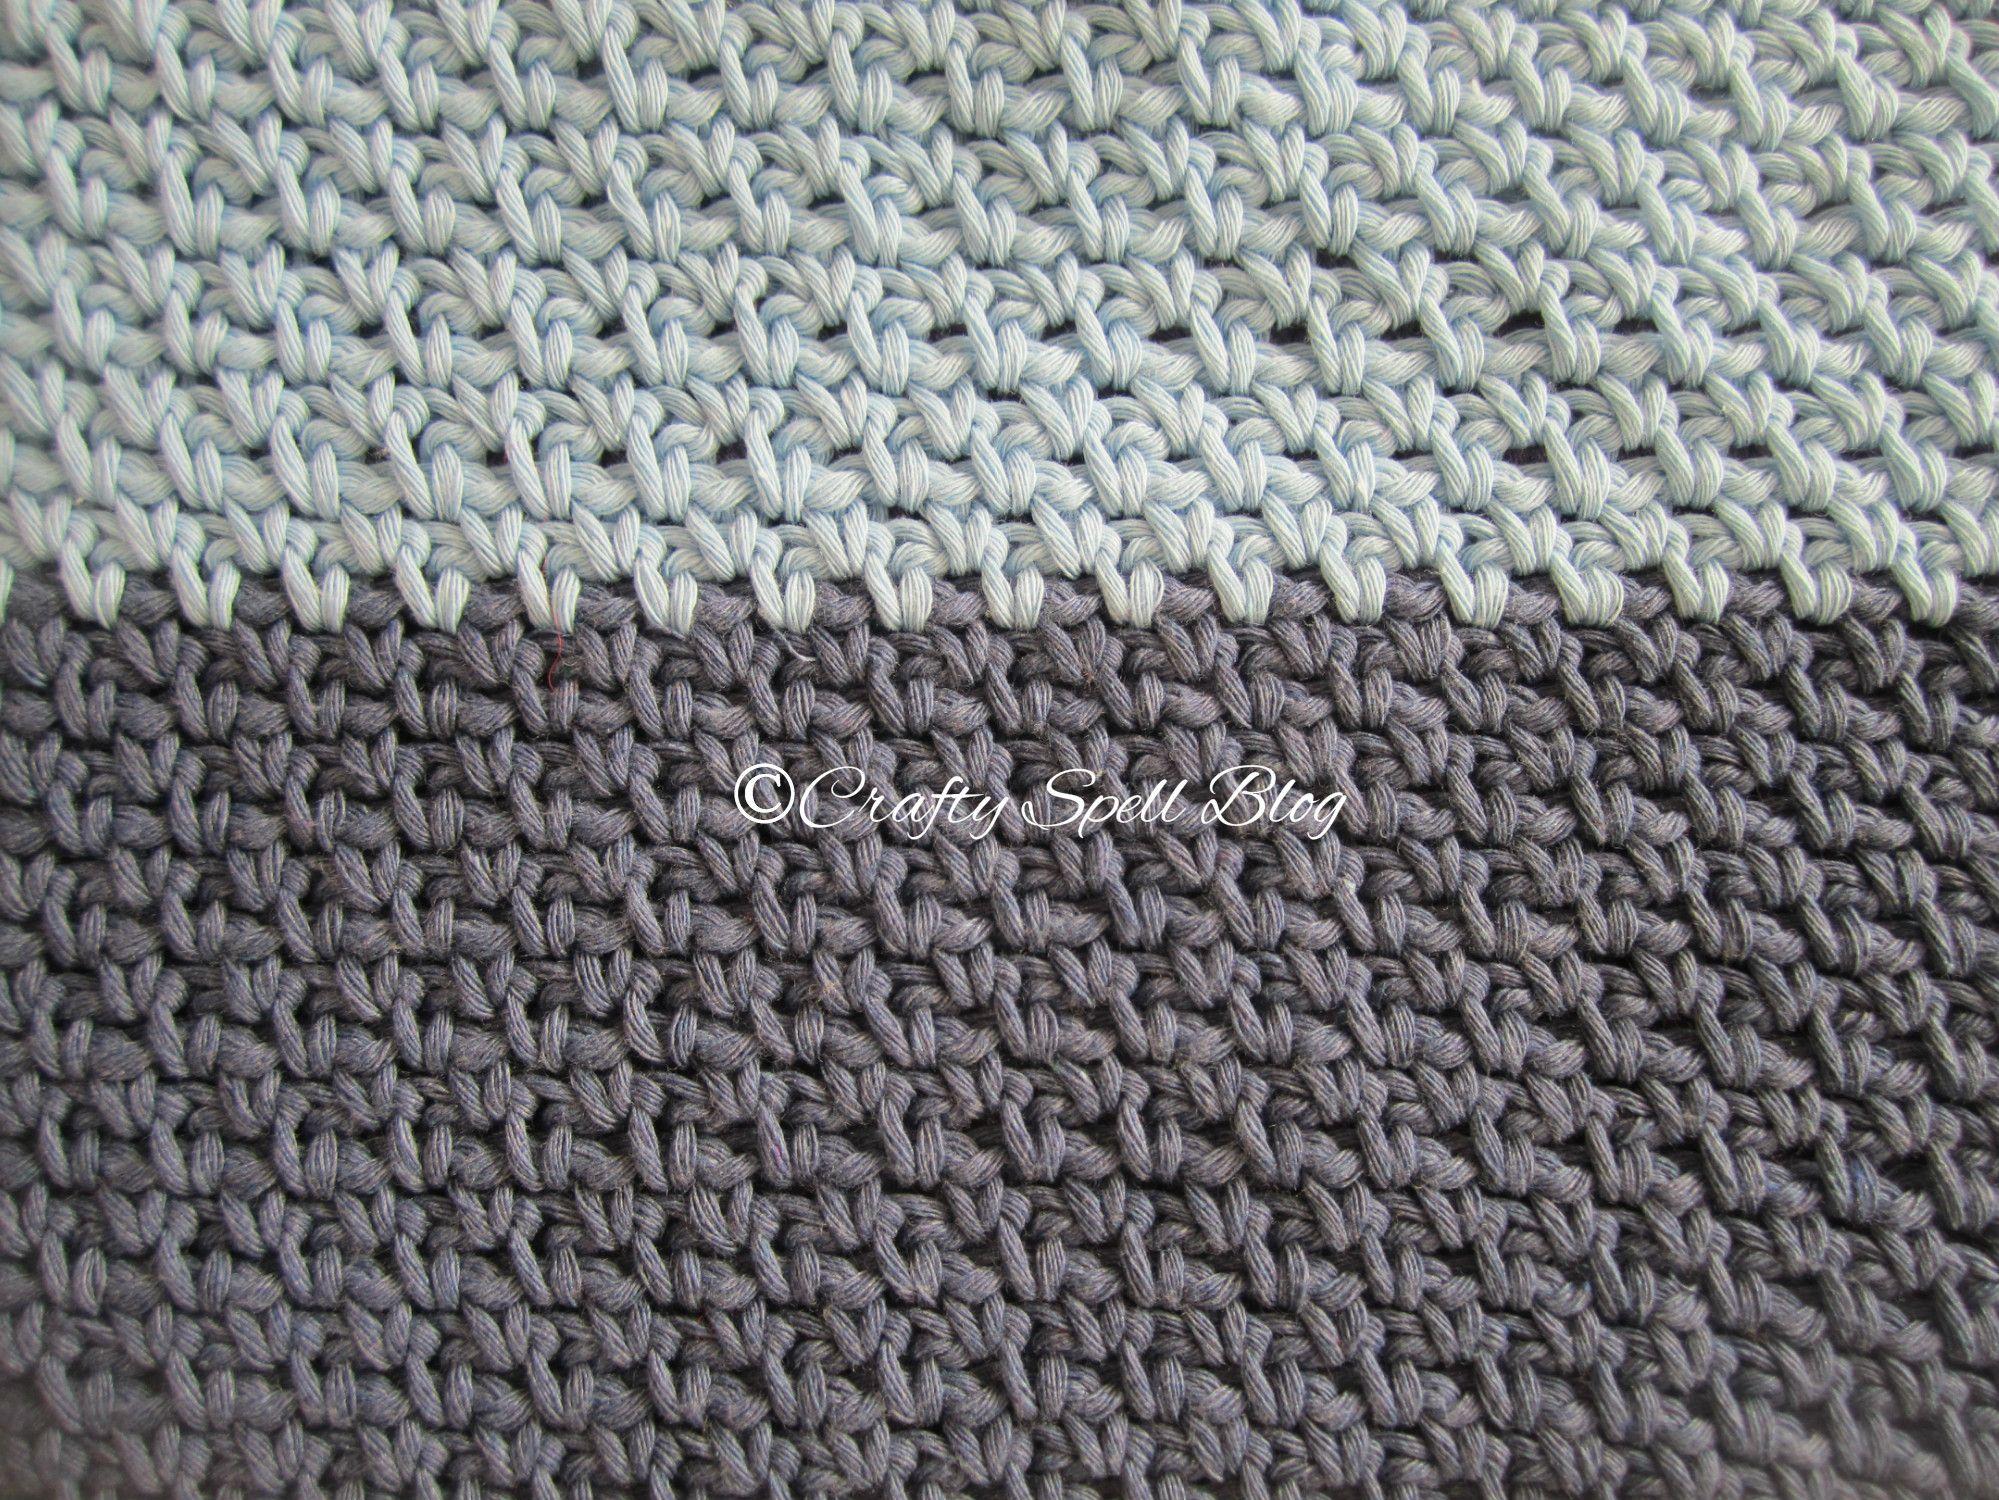 Crochet lap ghan lap blanket a story lap blanket crochet crochet lap ghan lap blanket a story bankloansurffo Gallery